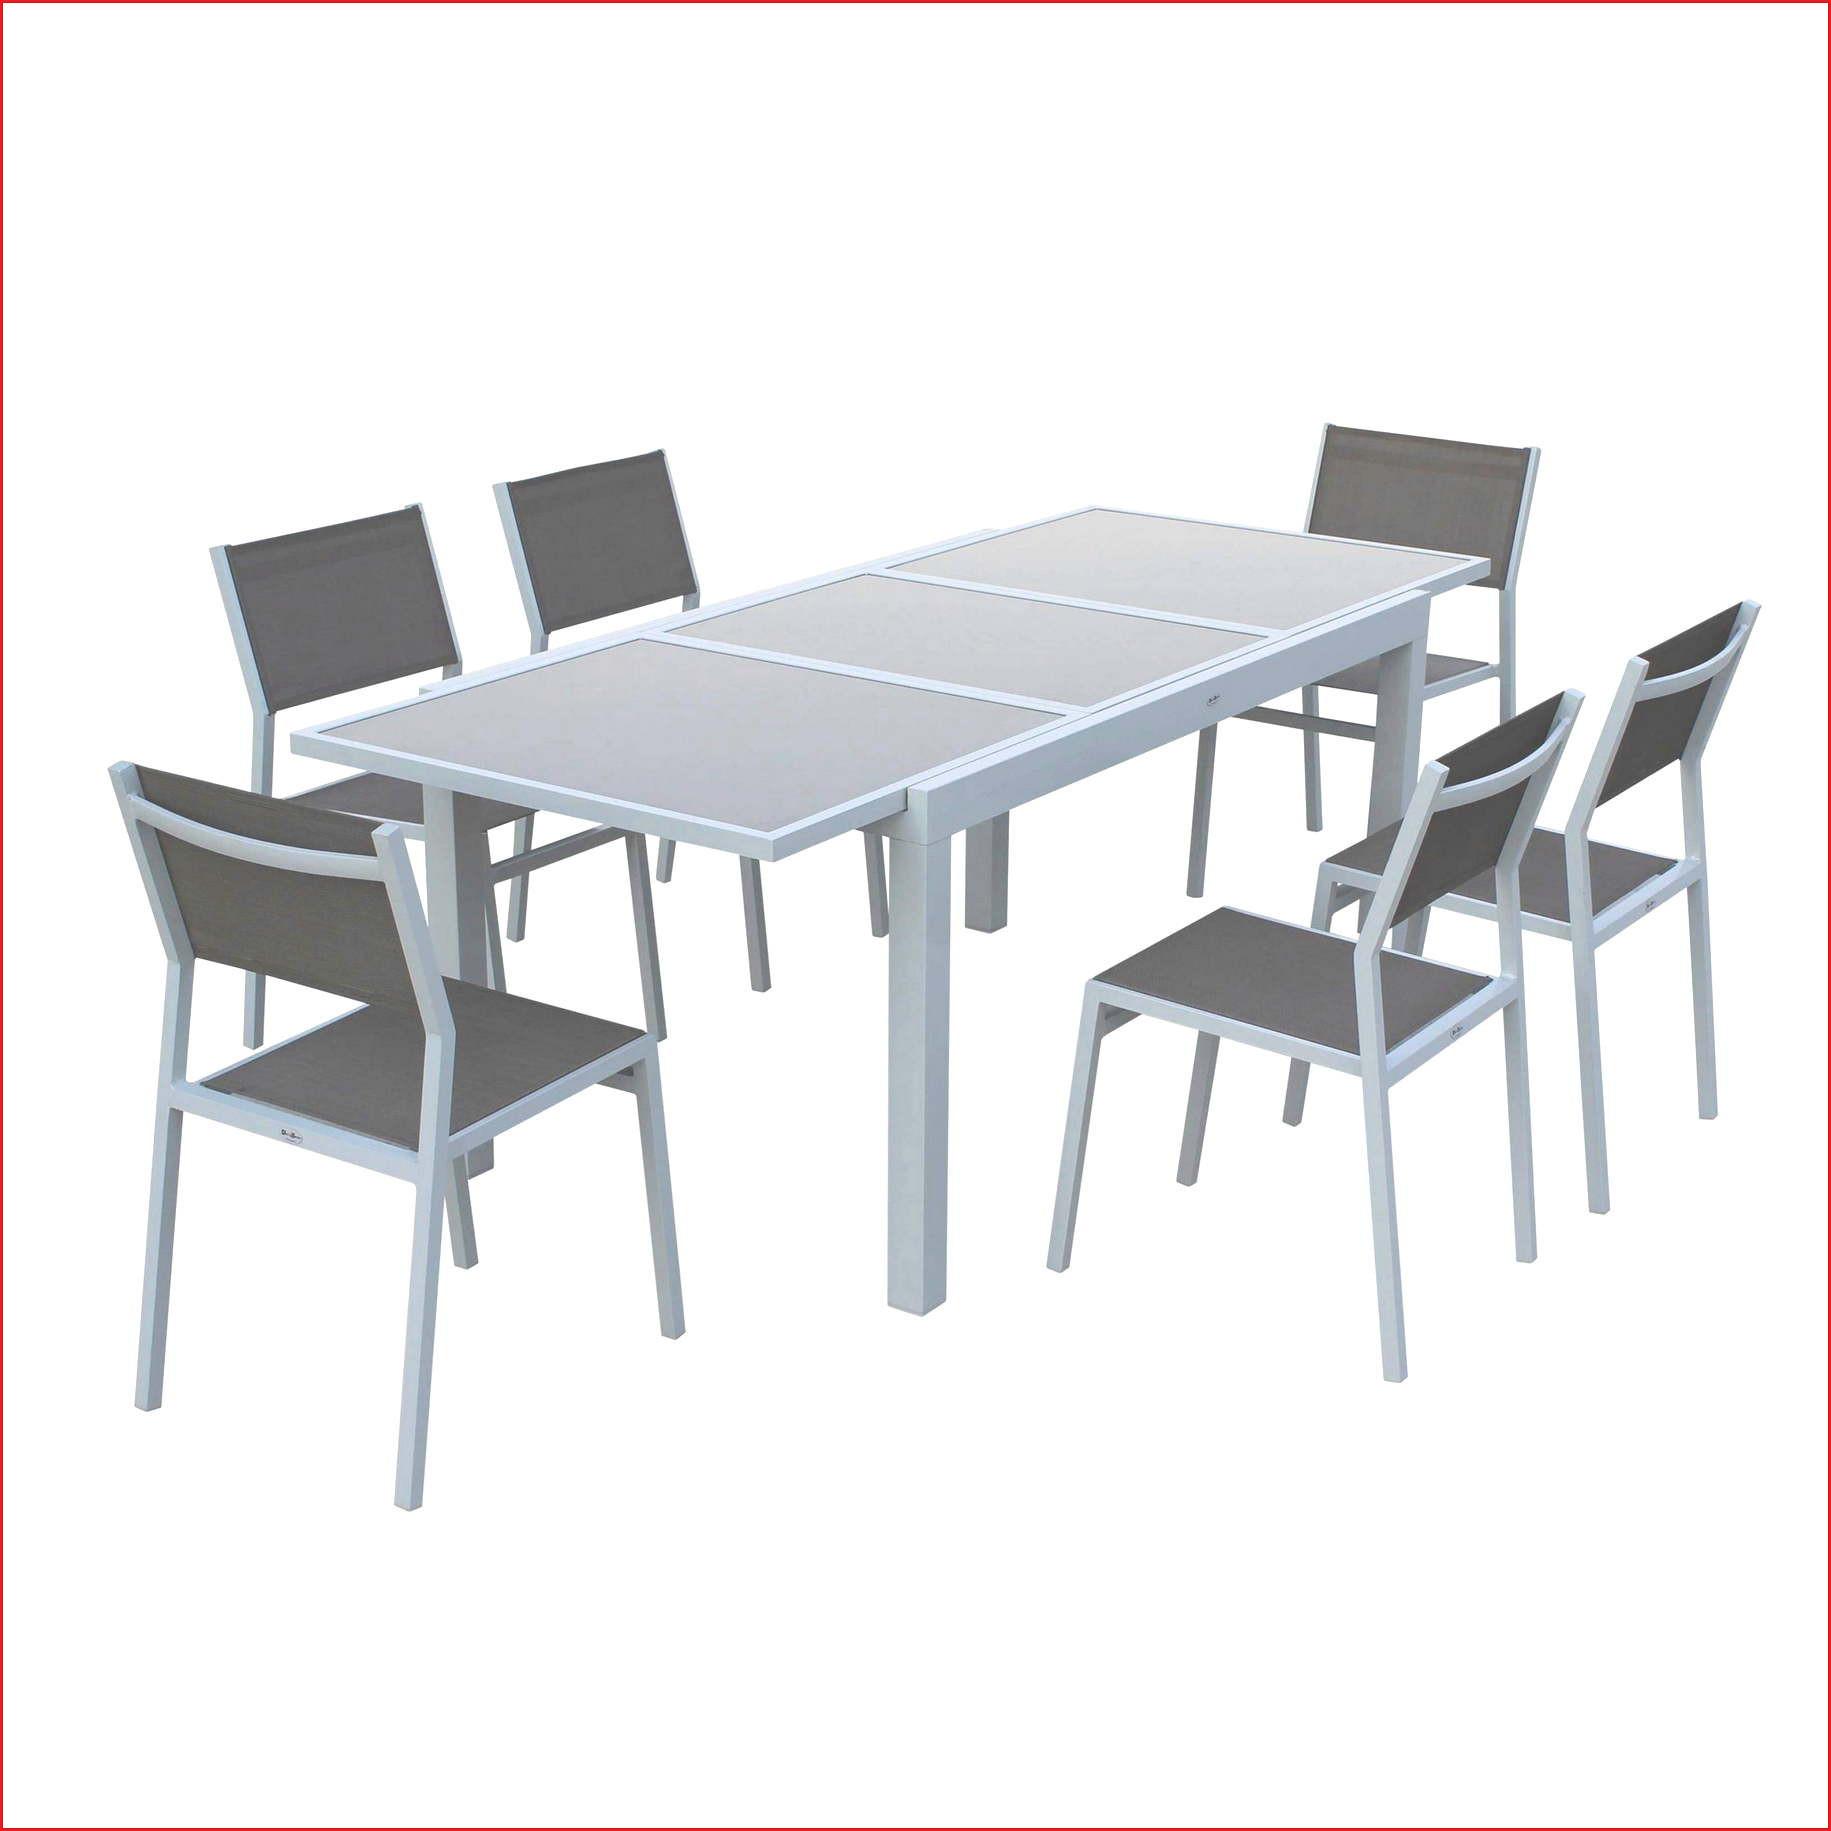 Table Et Chaise De Jardin Castorama Beau Jardin Archives ... pour Salons De Jardin Castorama